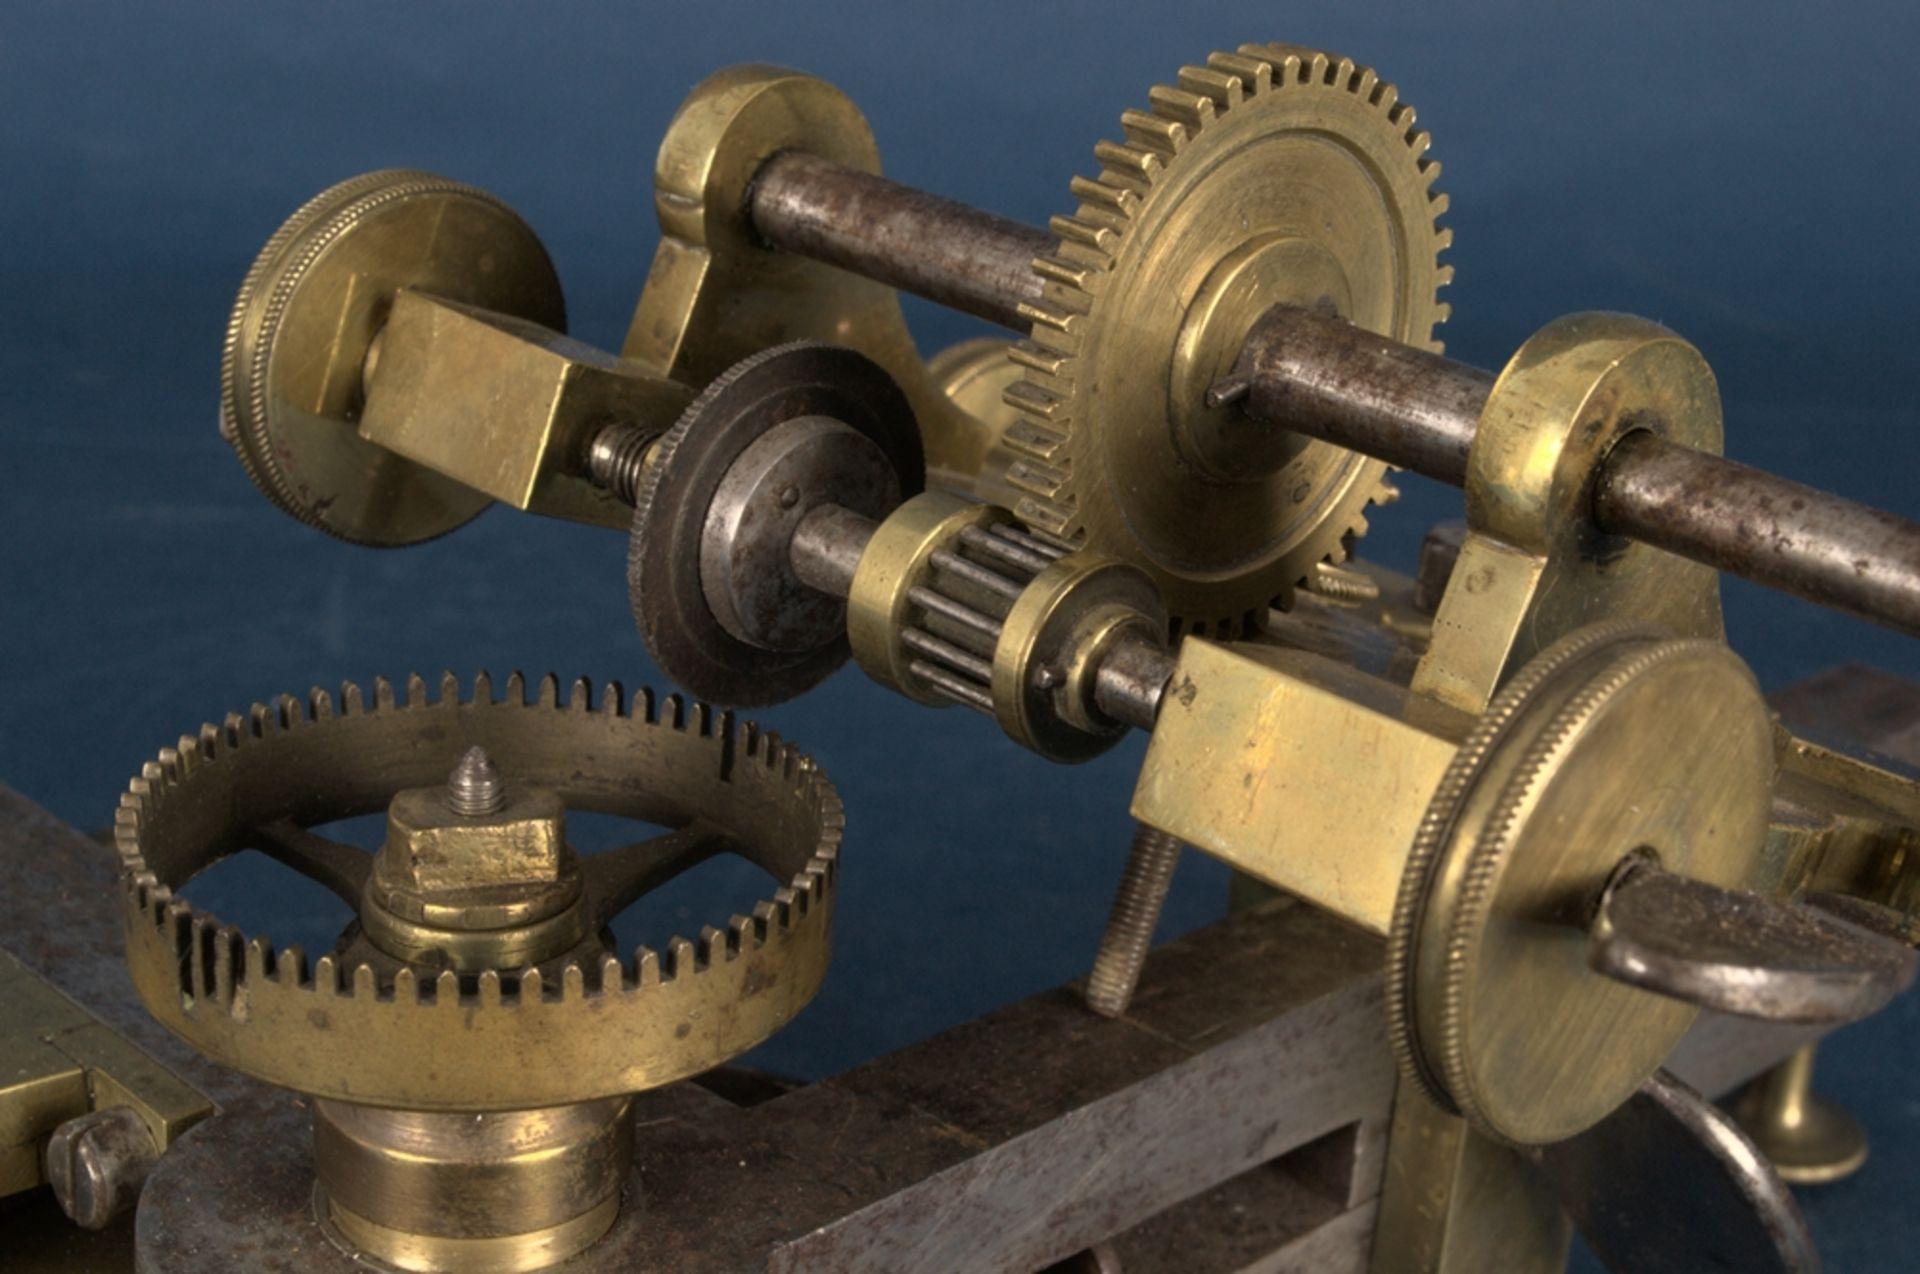 Zahnradfräsmaschine/Zahnräderschneidemaschine, frühes Uhrmacherwerkzeug, deutsch Mitte 18. Jhd., - Bild 12 aus 29